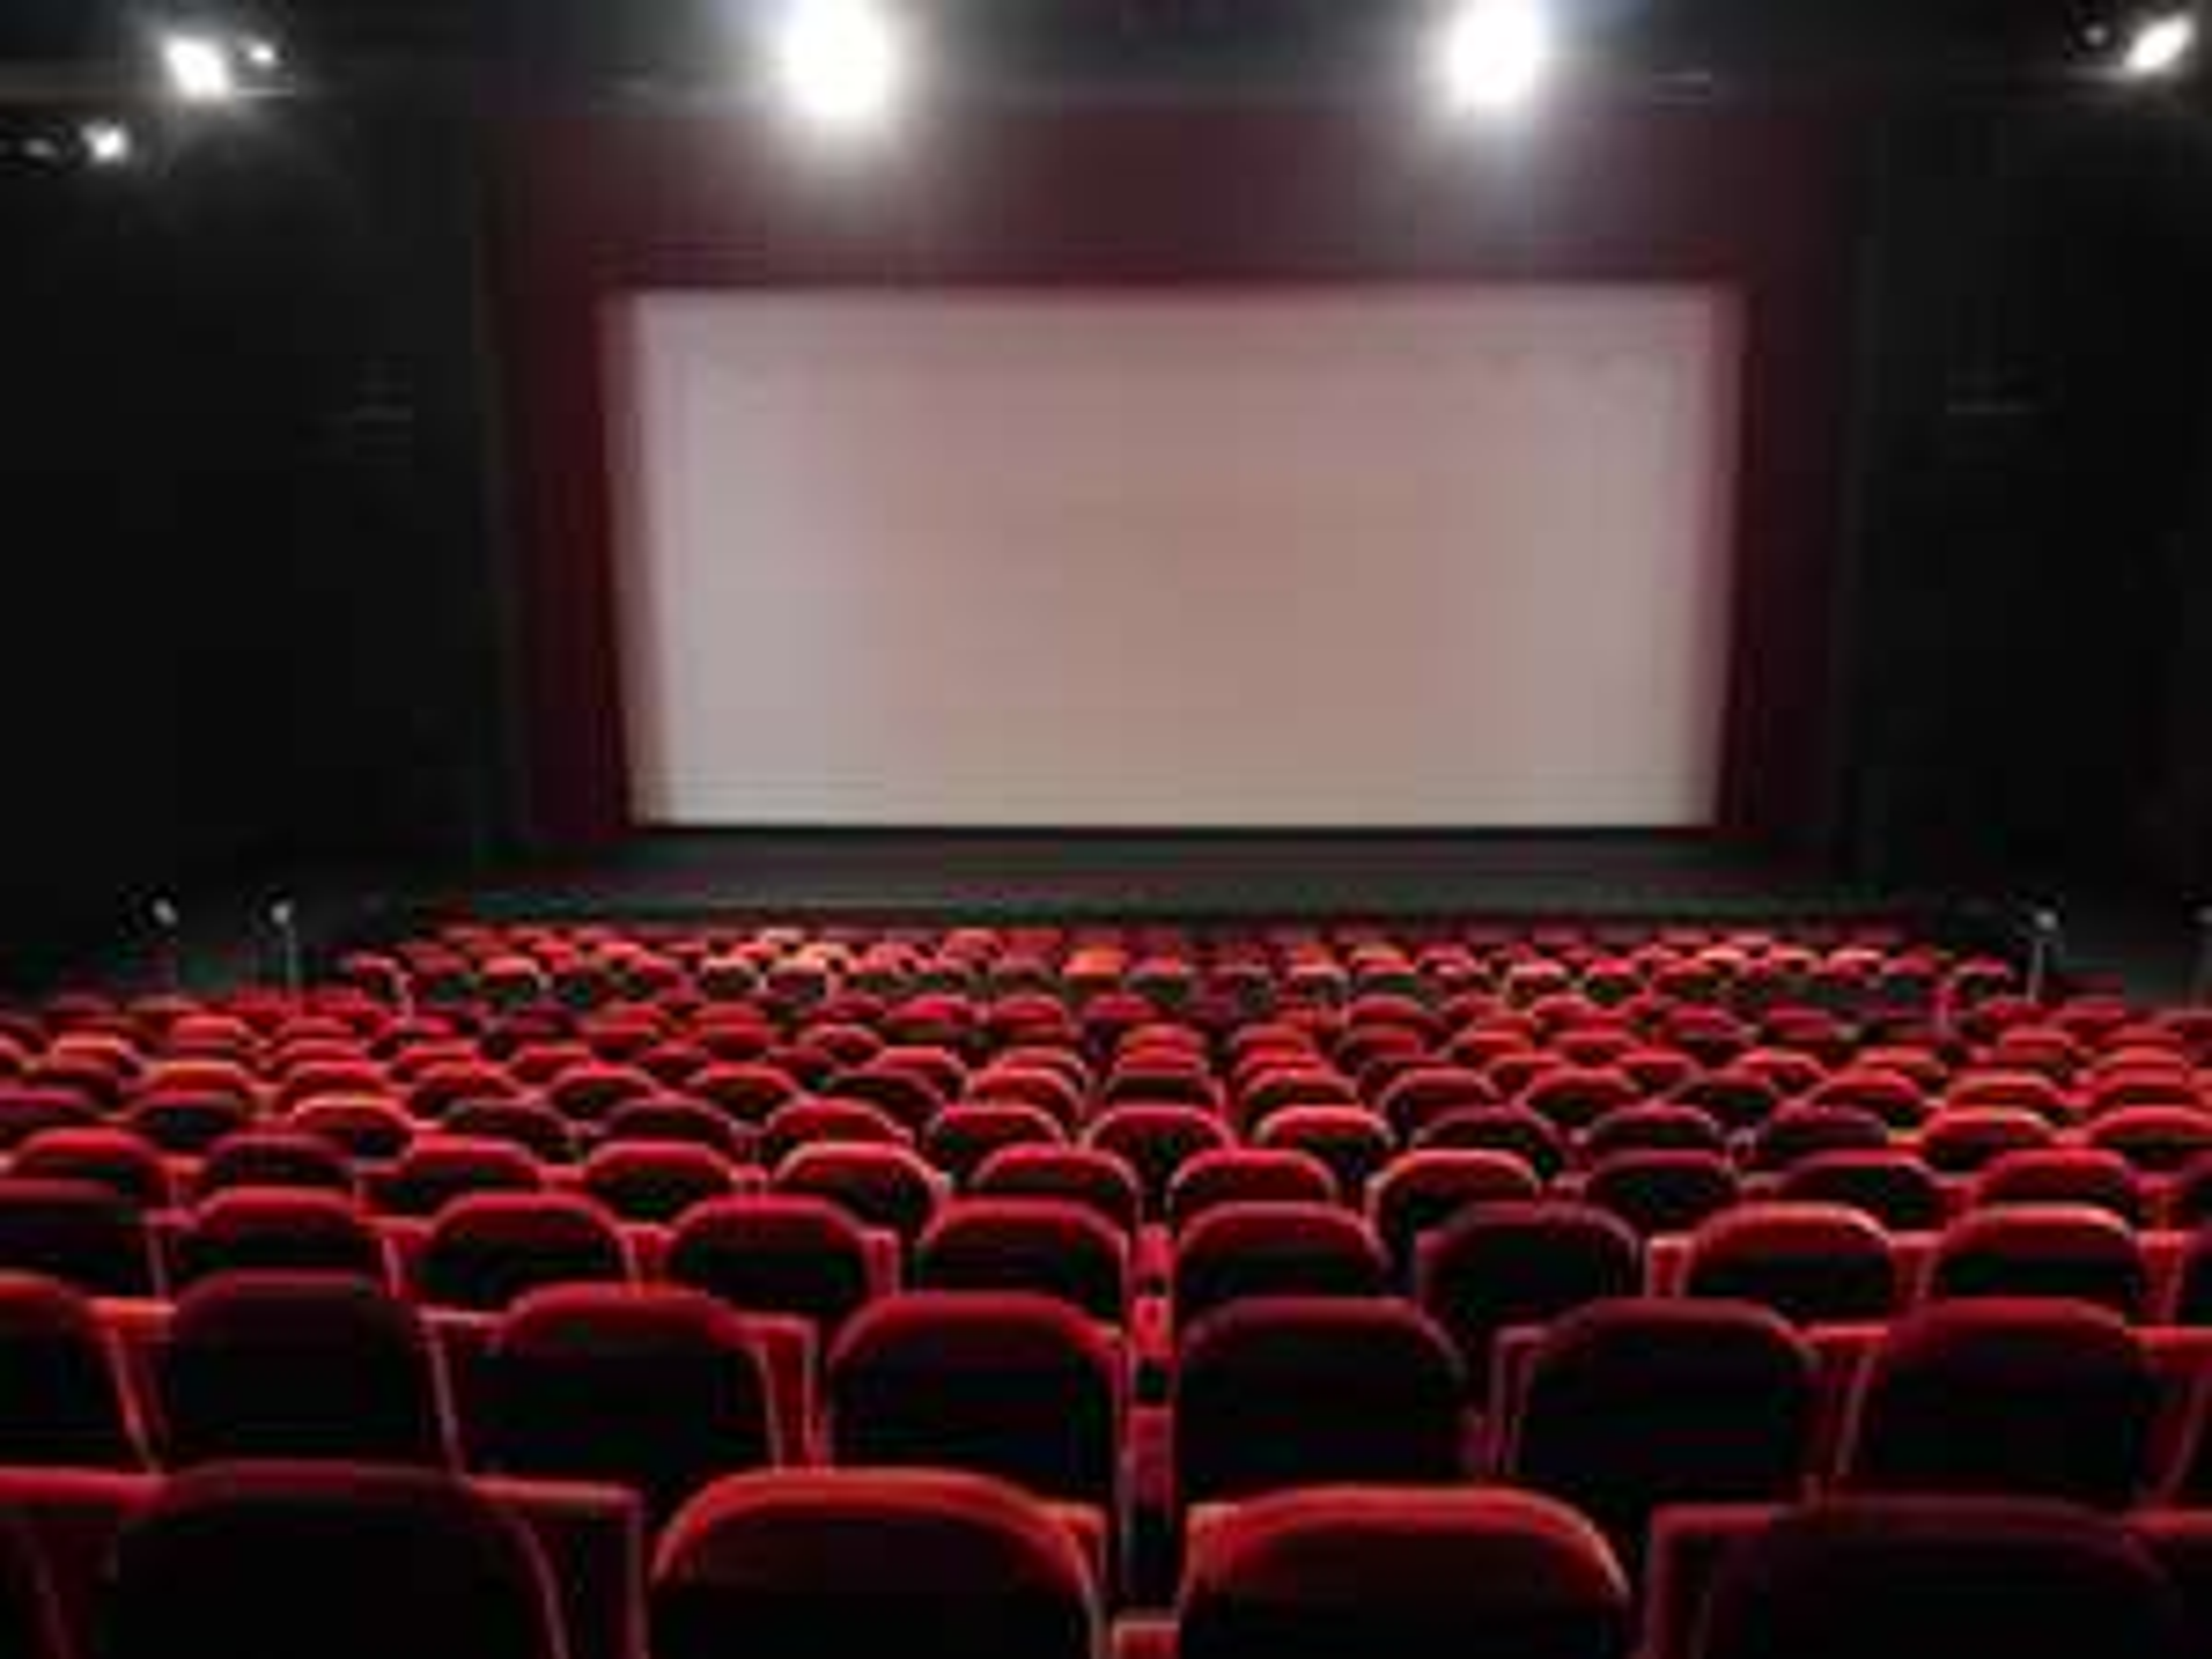 [15-25 ans] Sélection d'entrées gratuites et de réductions - Ex: Place gratuite au Cinéma Grand Ecran Les Herbiers (85)